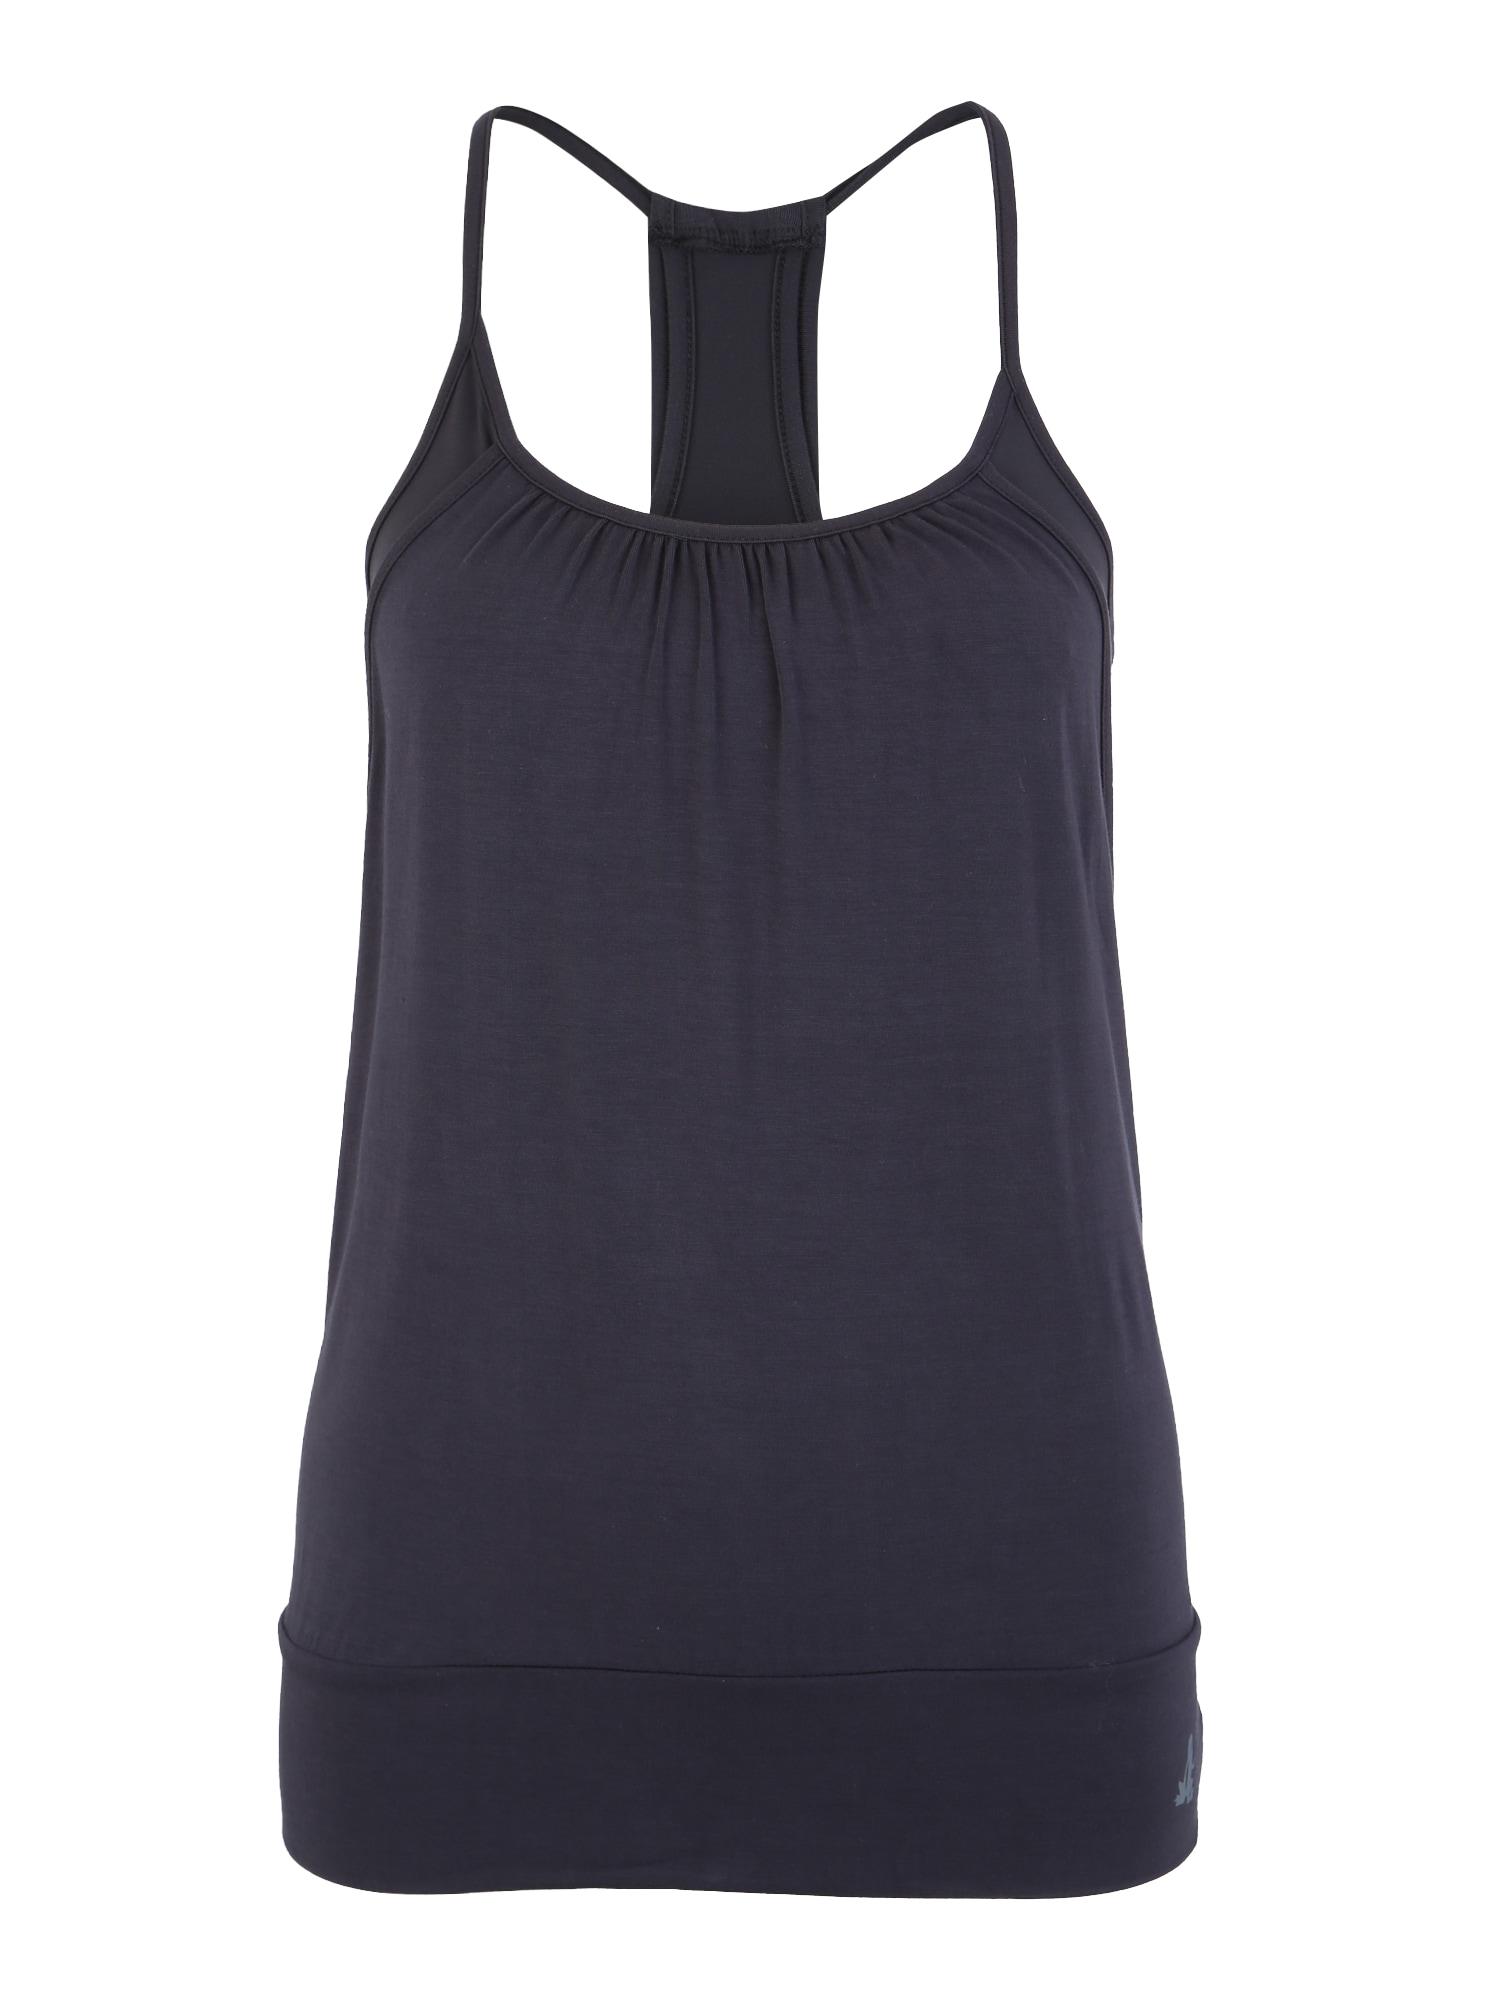 Sportovní top open top Materialmix tmavě modrá CURARE Yogawear